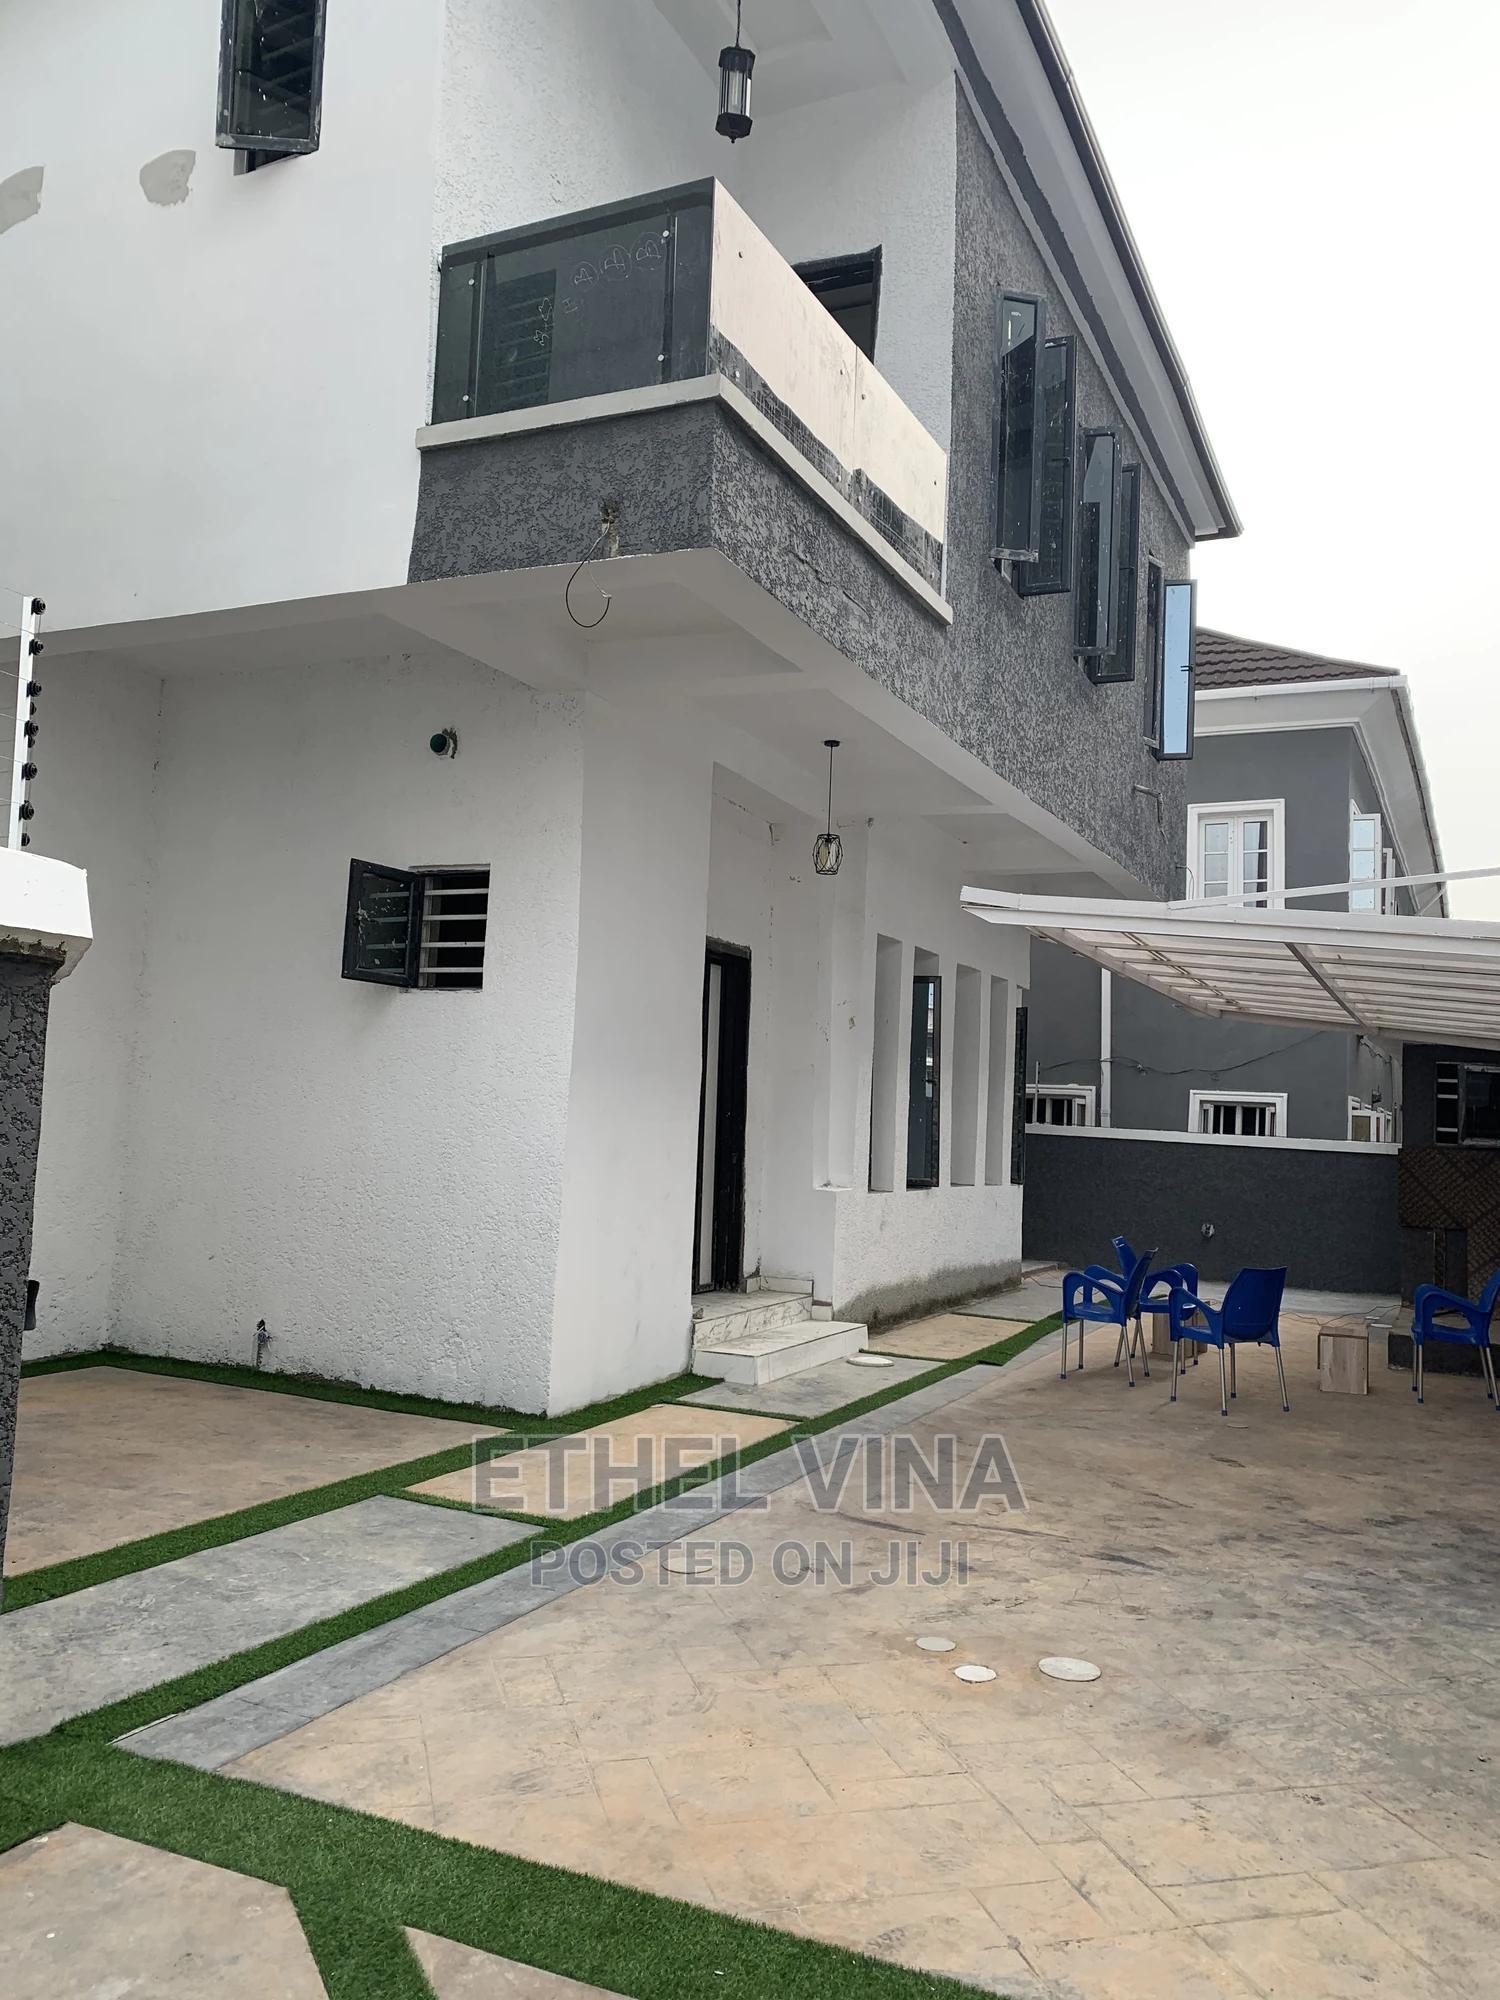 5 Bedrooms Duplex for Sale Lekki